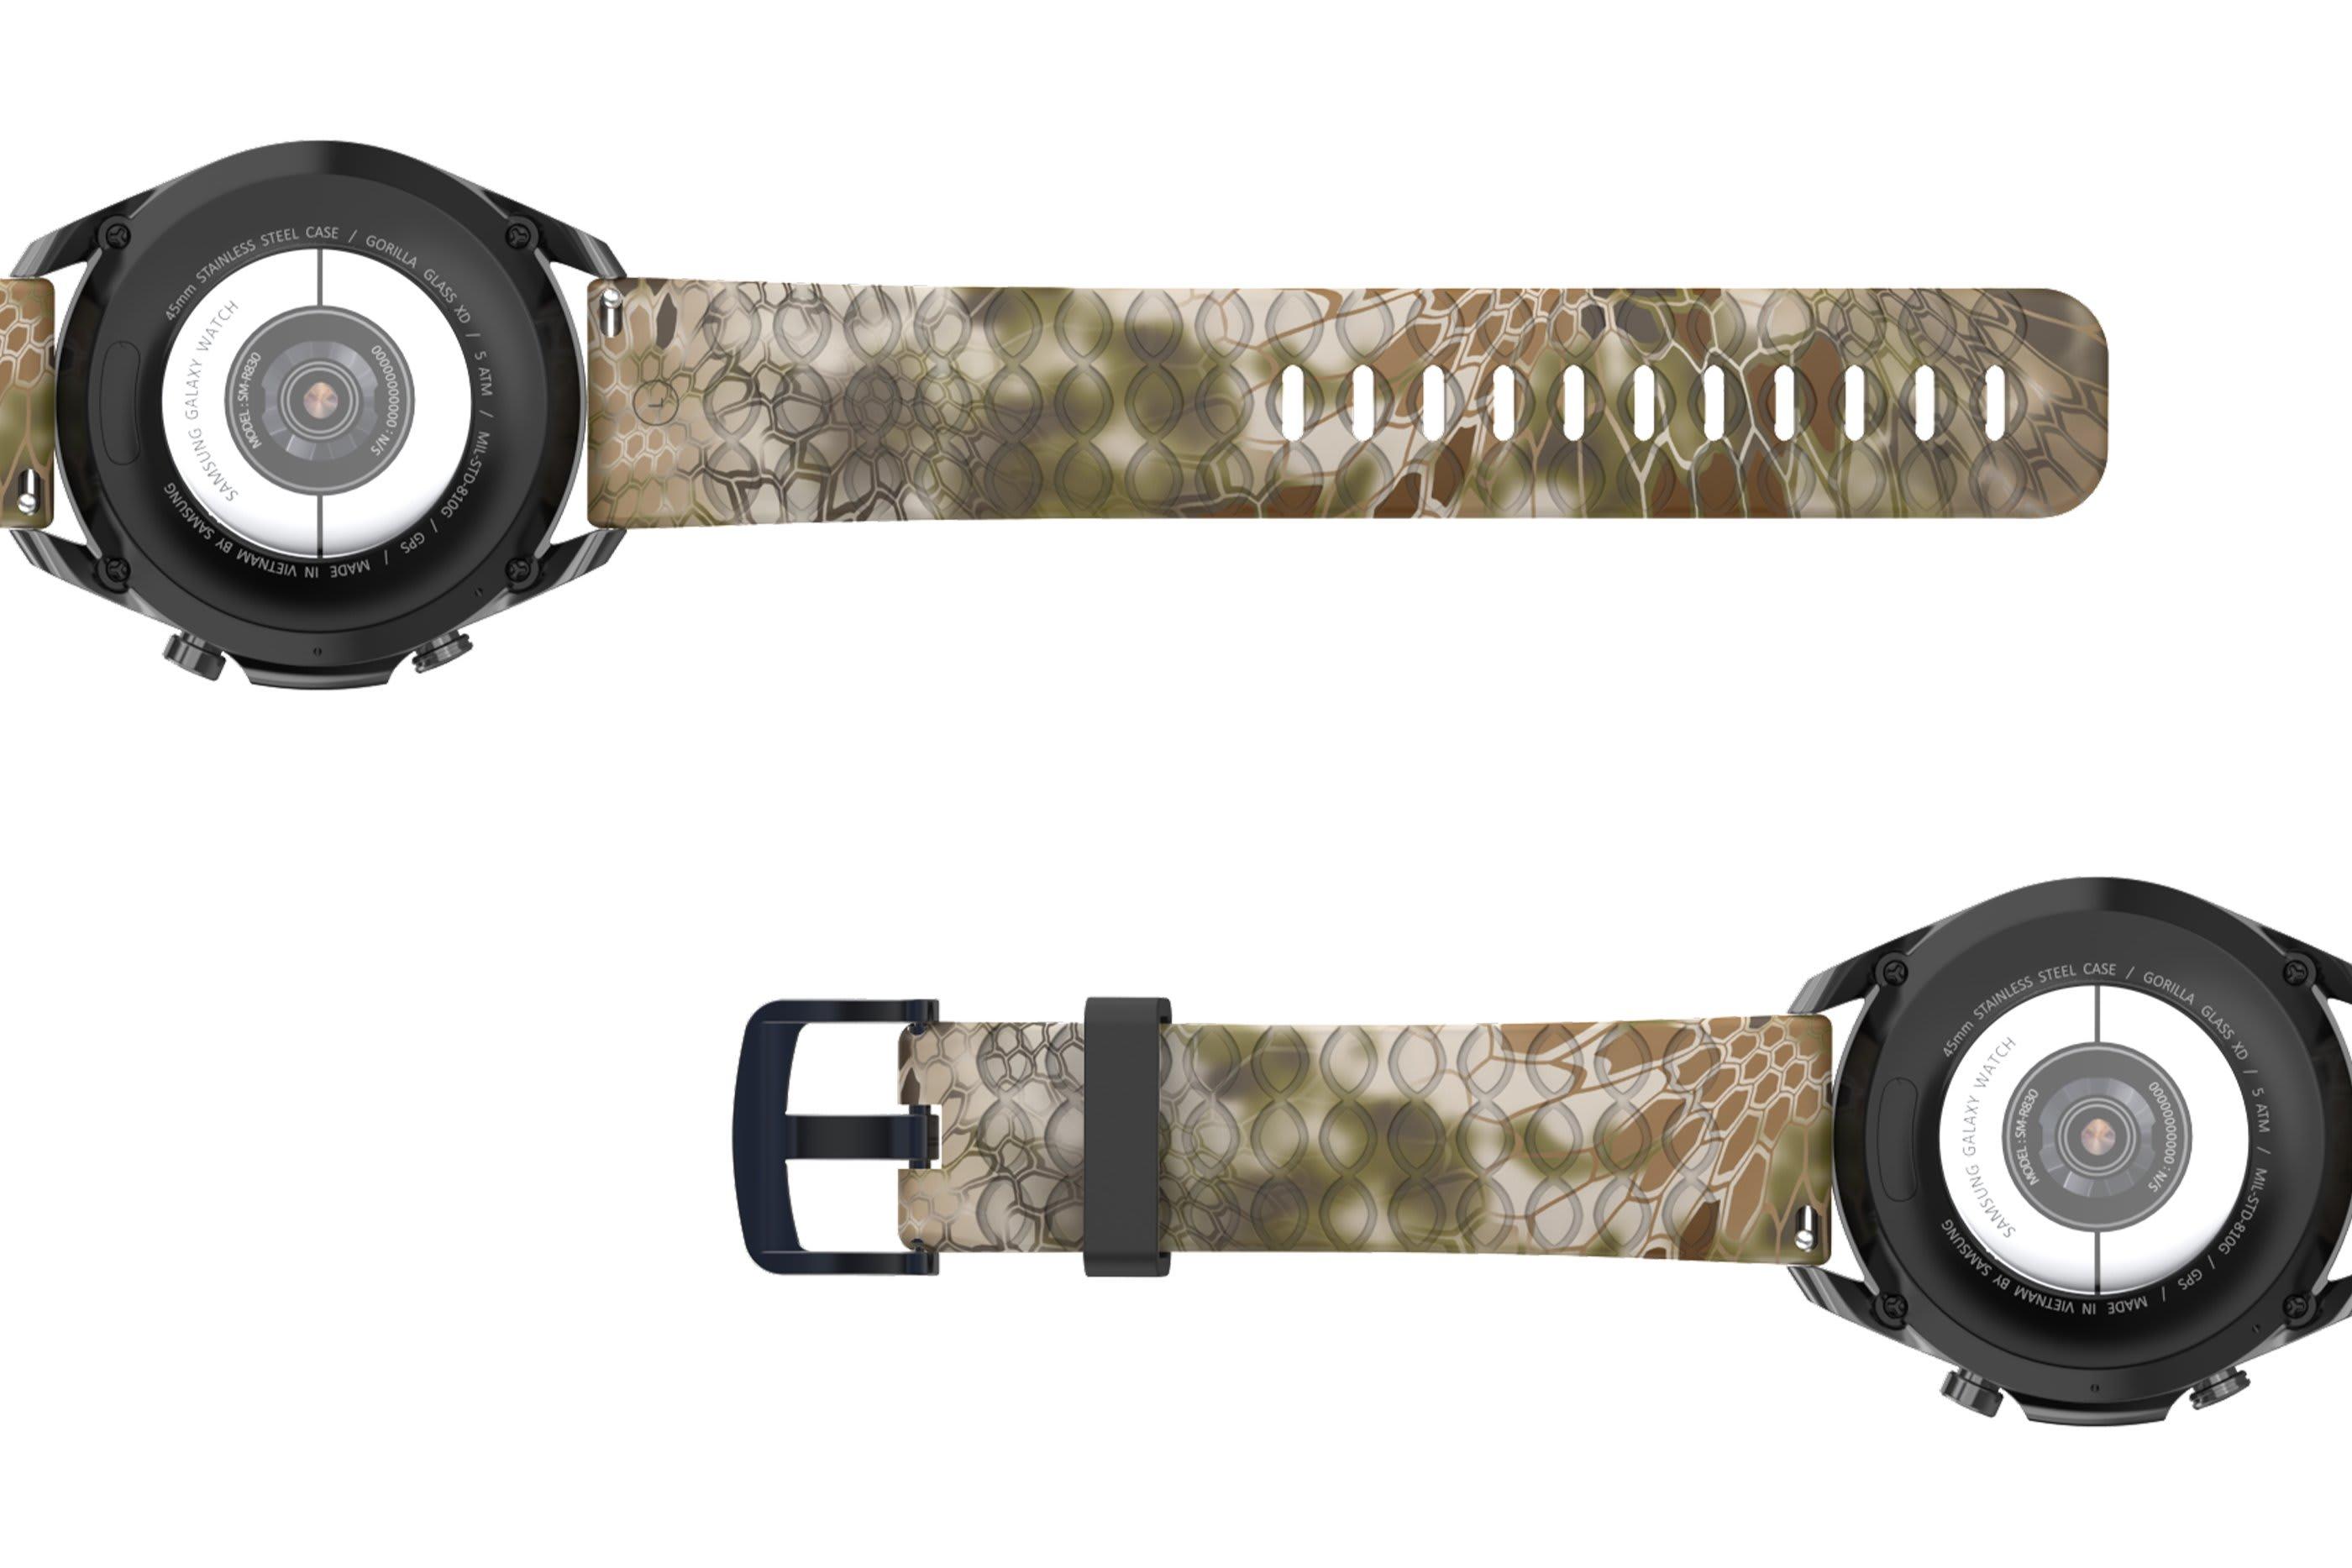 Kryptek Highlander Samsung 22mm   watch band viewed bottom up